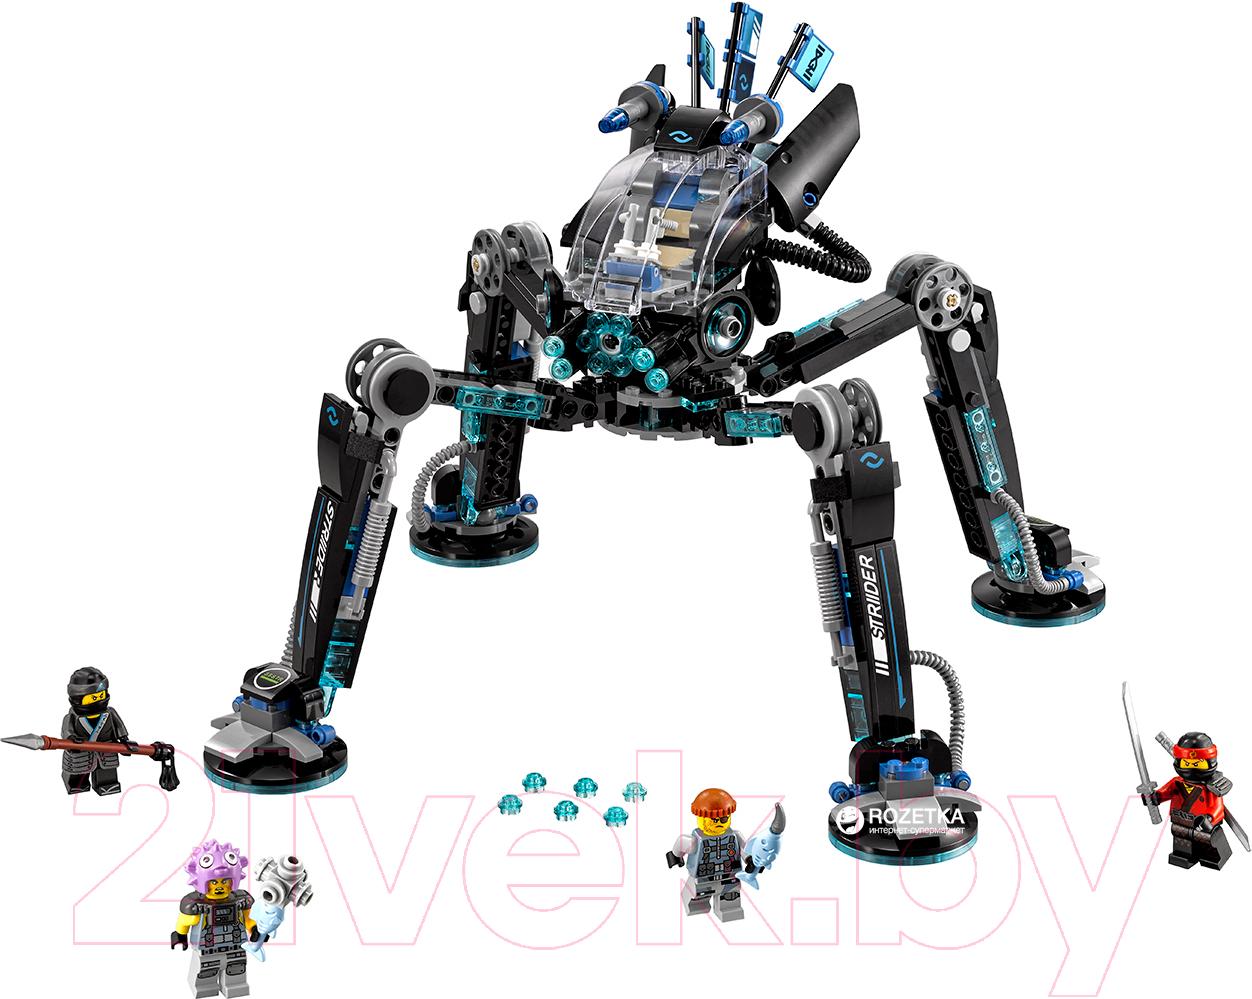 Купить Конструктор Lego, Ninjago Водяной Робот 70611, Китай, пластик